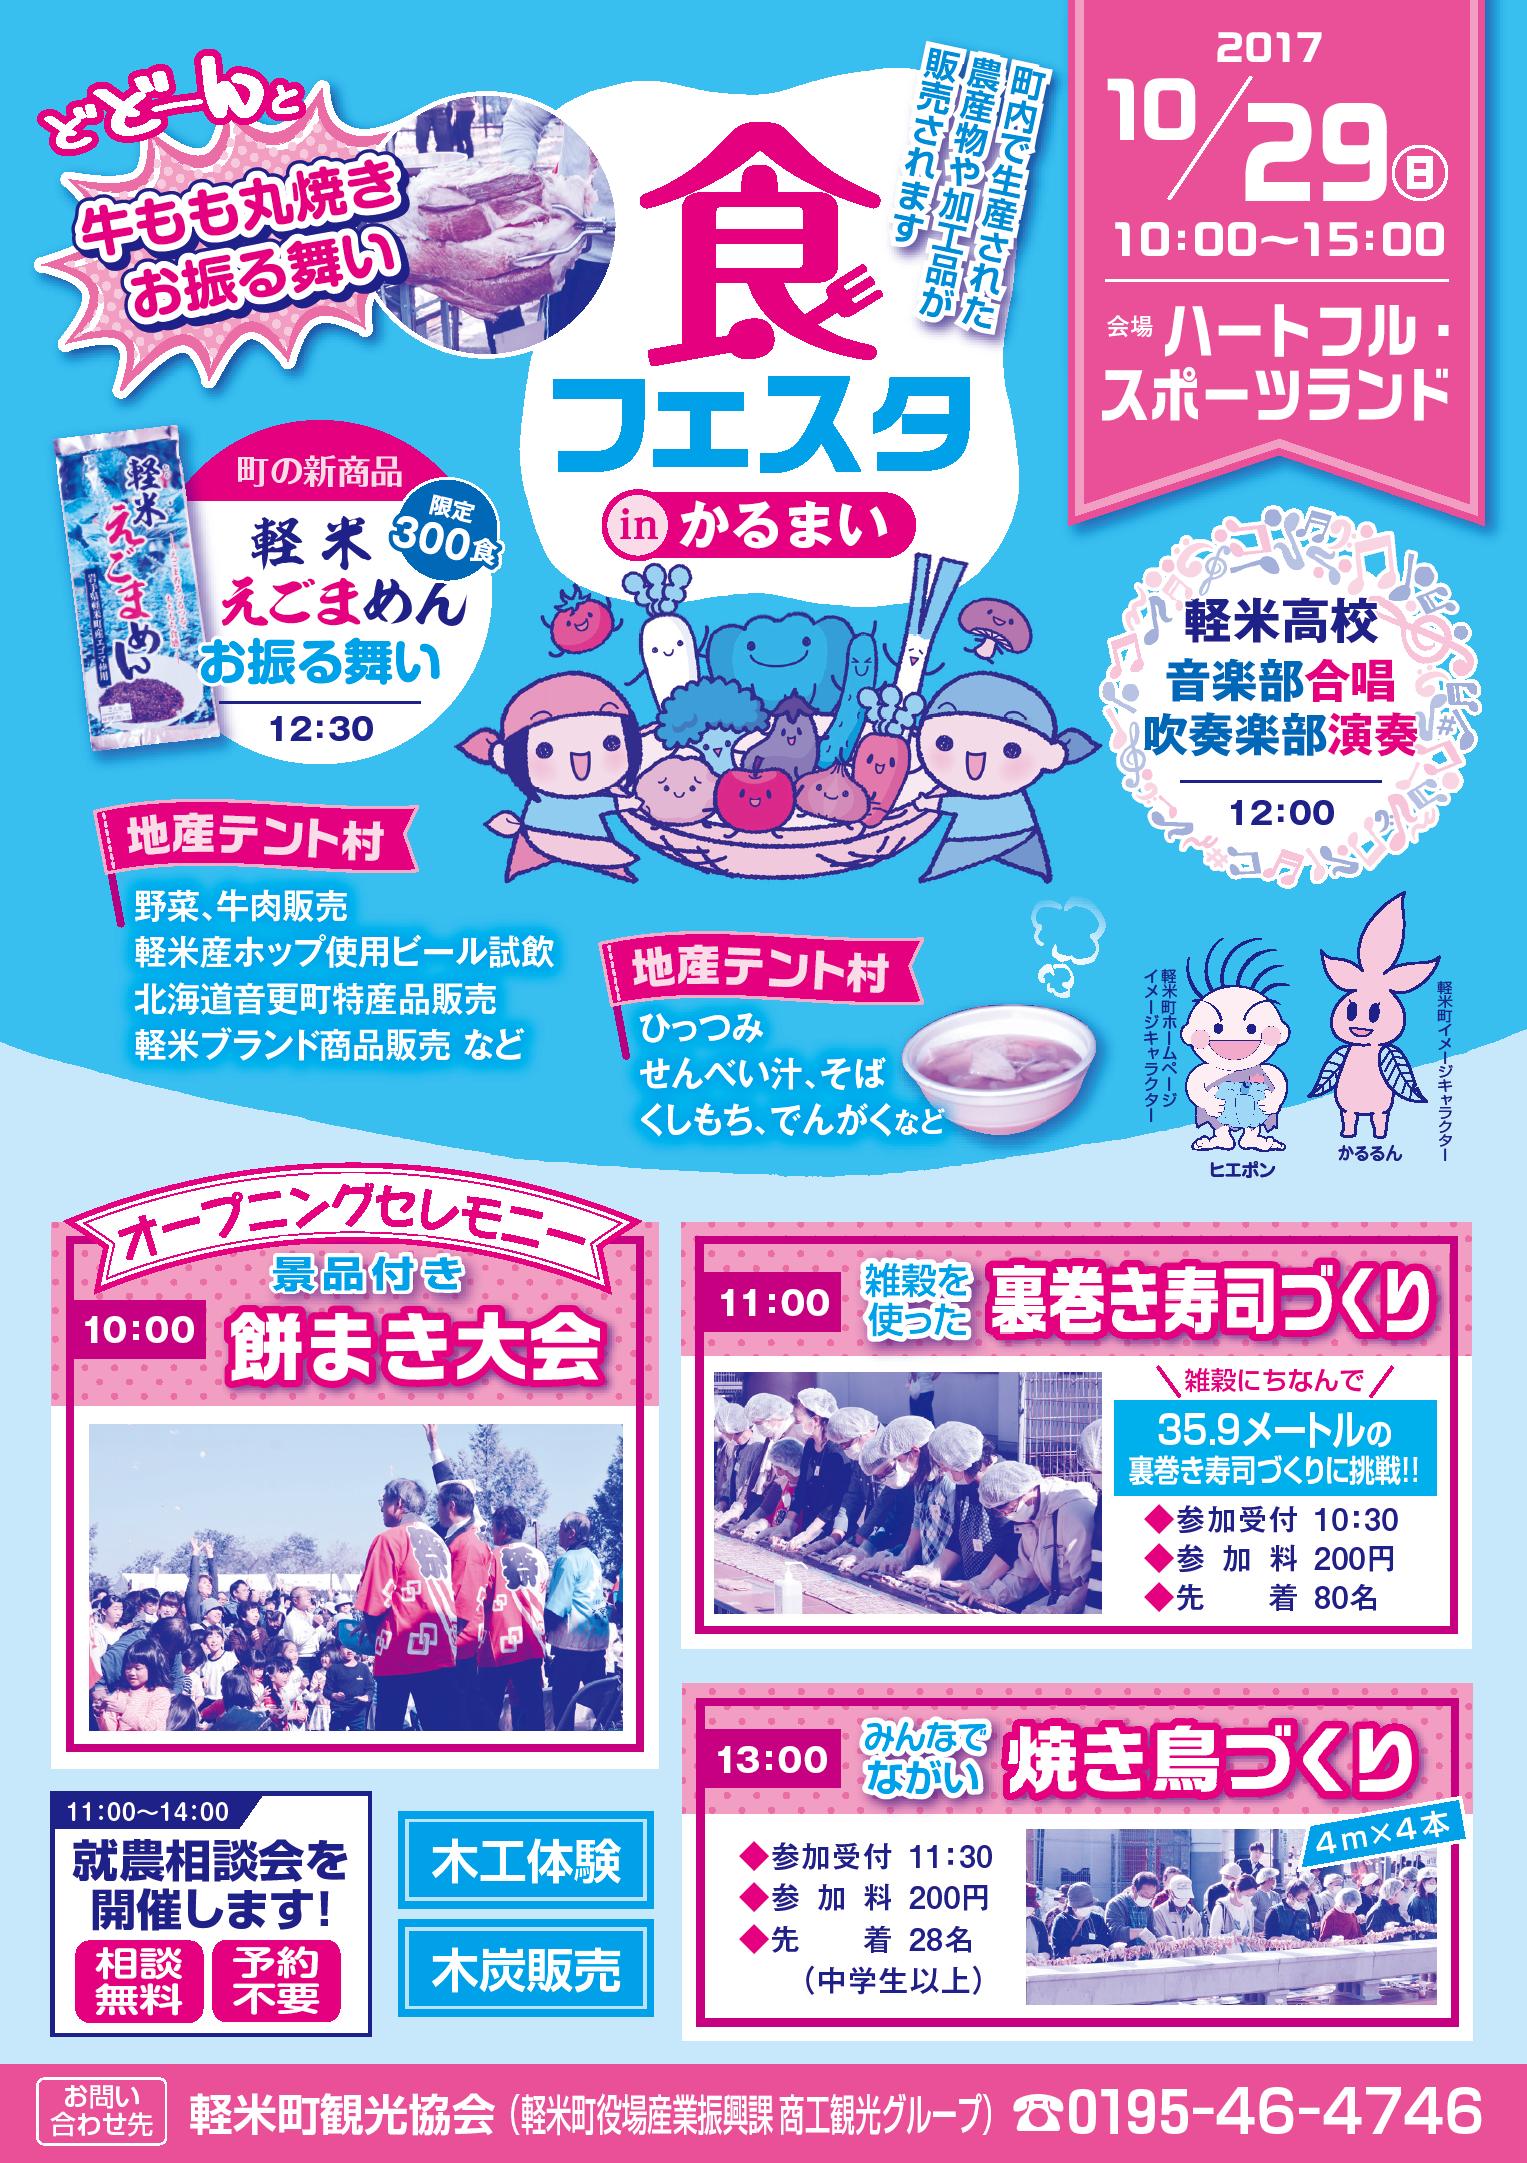 平成29年「食フェスタinかるまい」開催のお知らせ(終了しました)